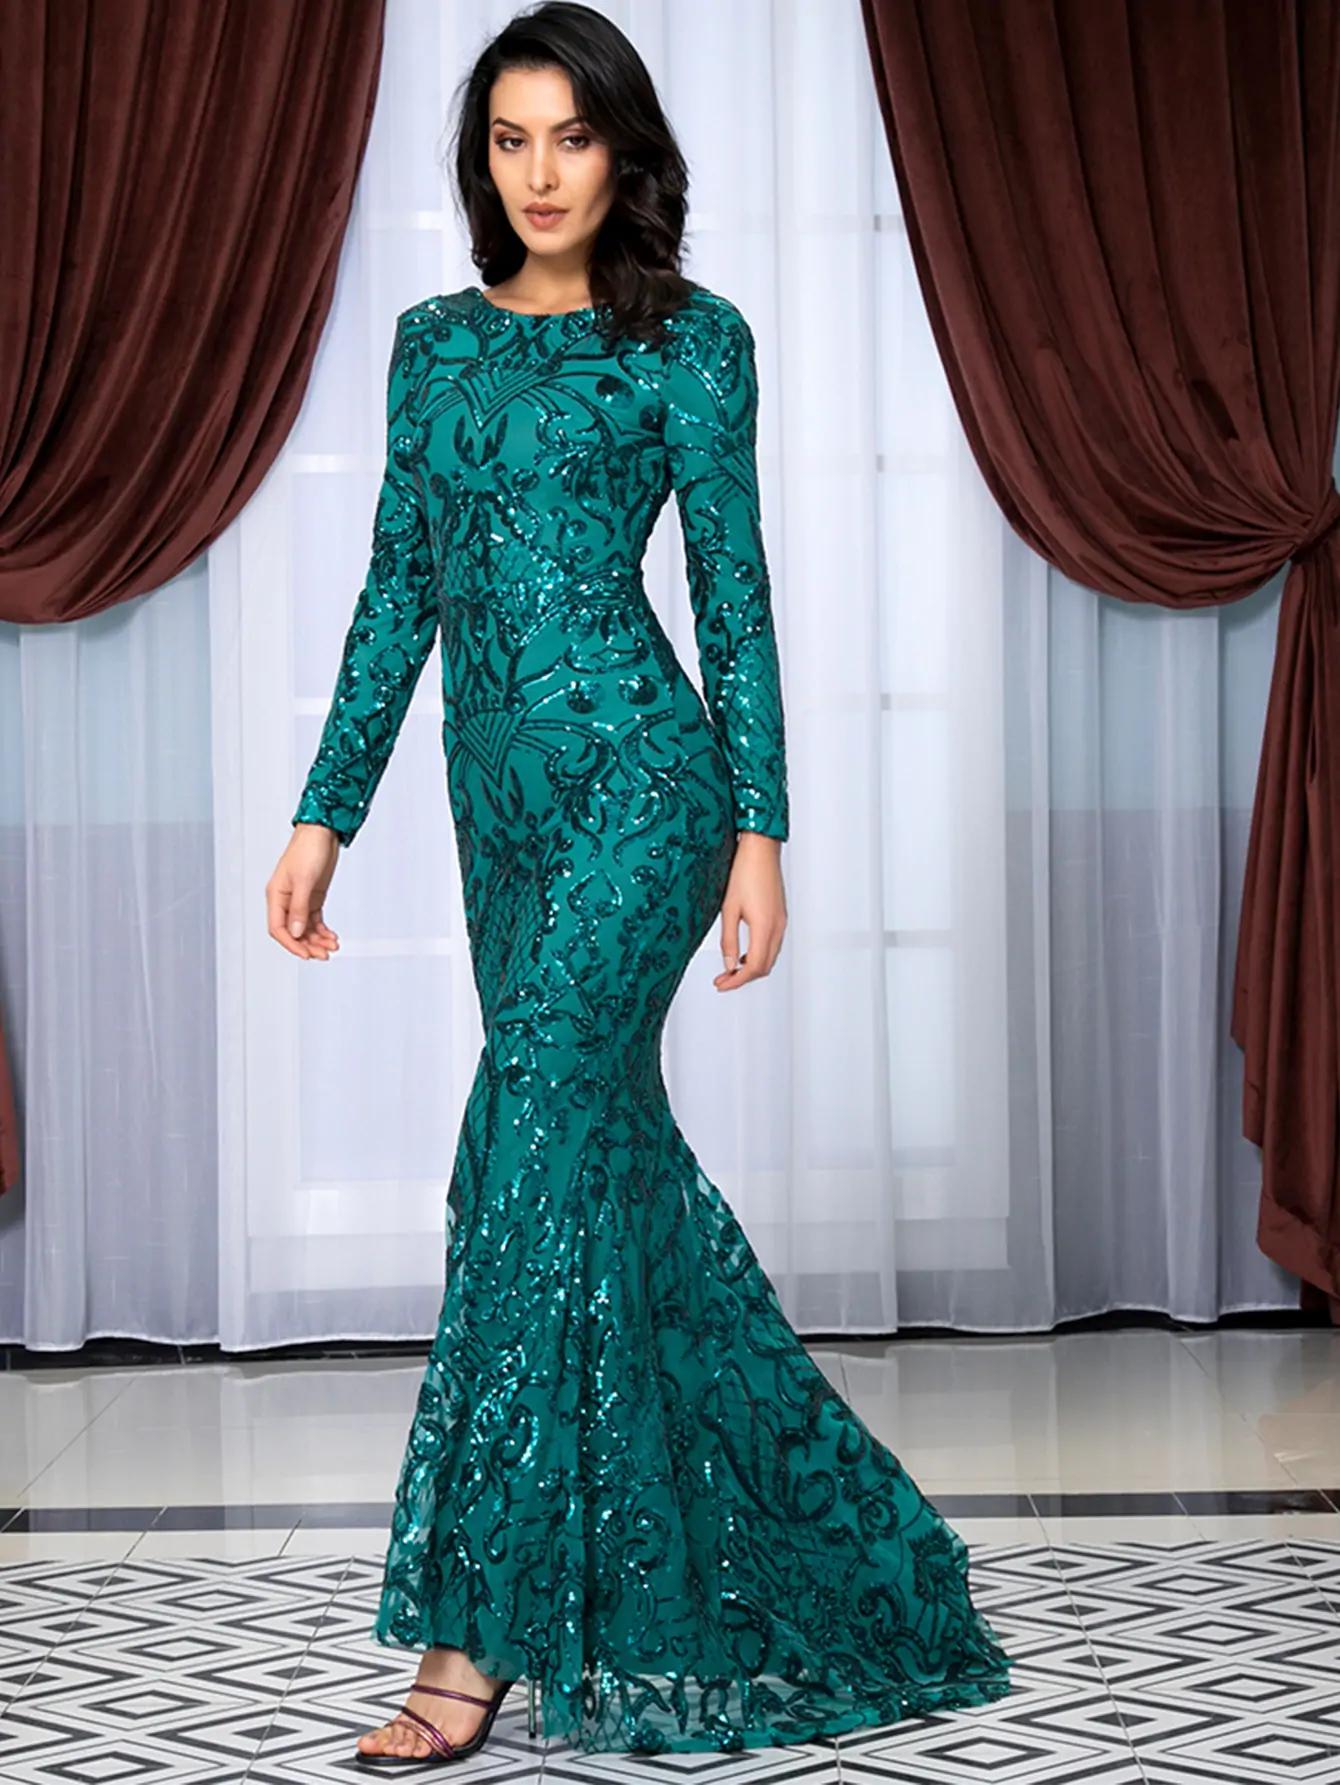 Emerald Green Long Sleeve Sequin Dress Long Sleeve Sequin Dress Sequin Dress With Sleeves Long Sequin Dress [ 1785 x 1340 Pixel ]